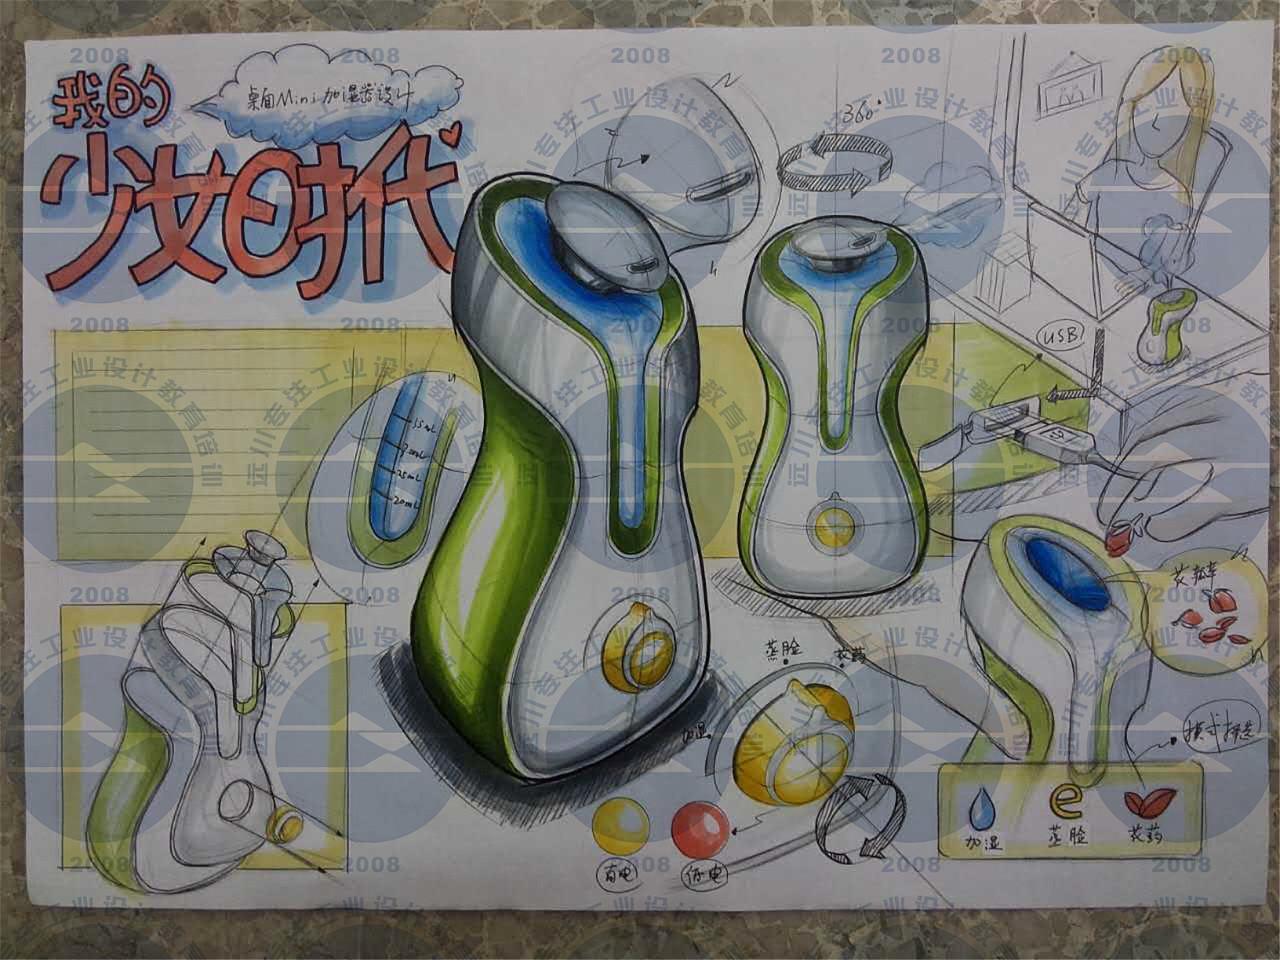 工业设计考研快题,工业设计产品手绘,远川学员手绘作品图片